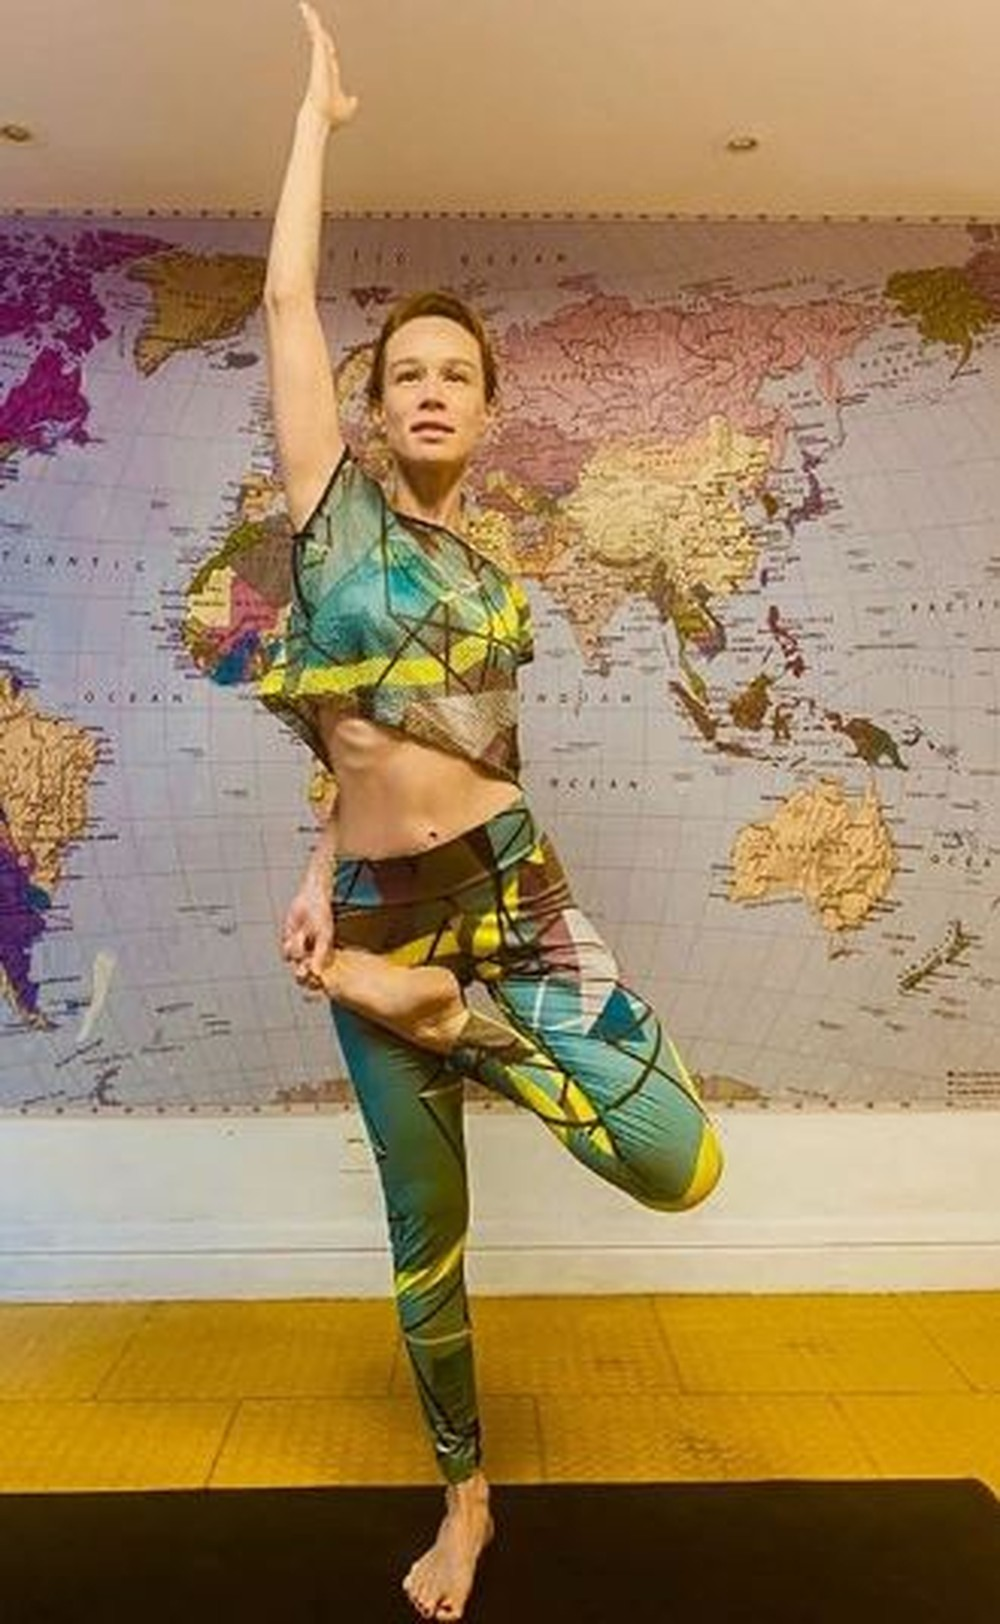 Famosas listam os benefícios com a yoga; veja fotos - Imagem 8